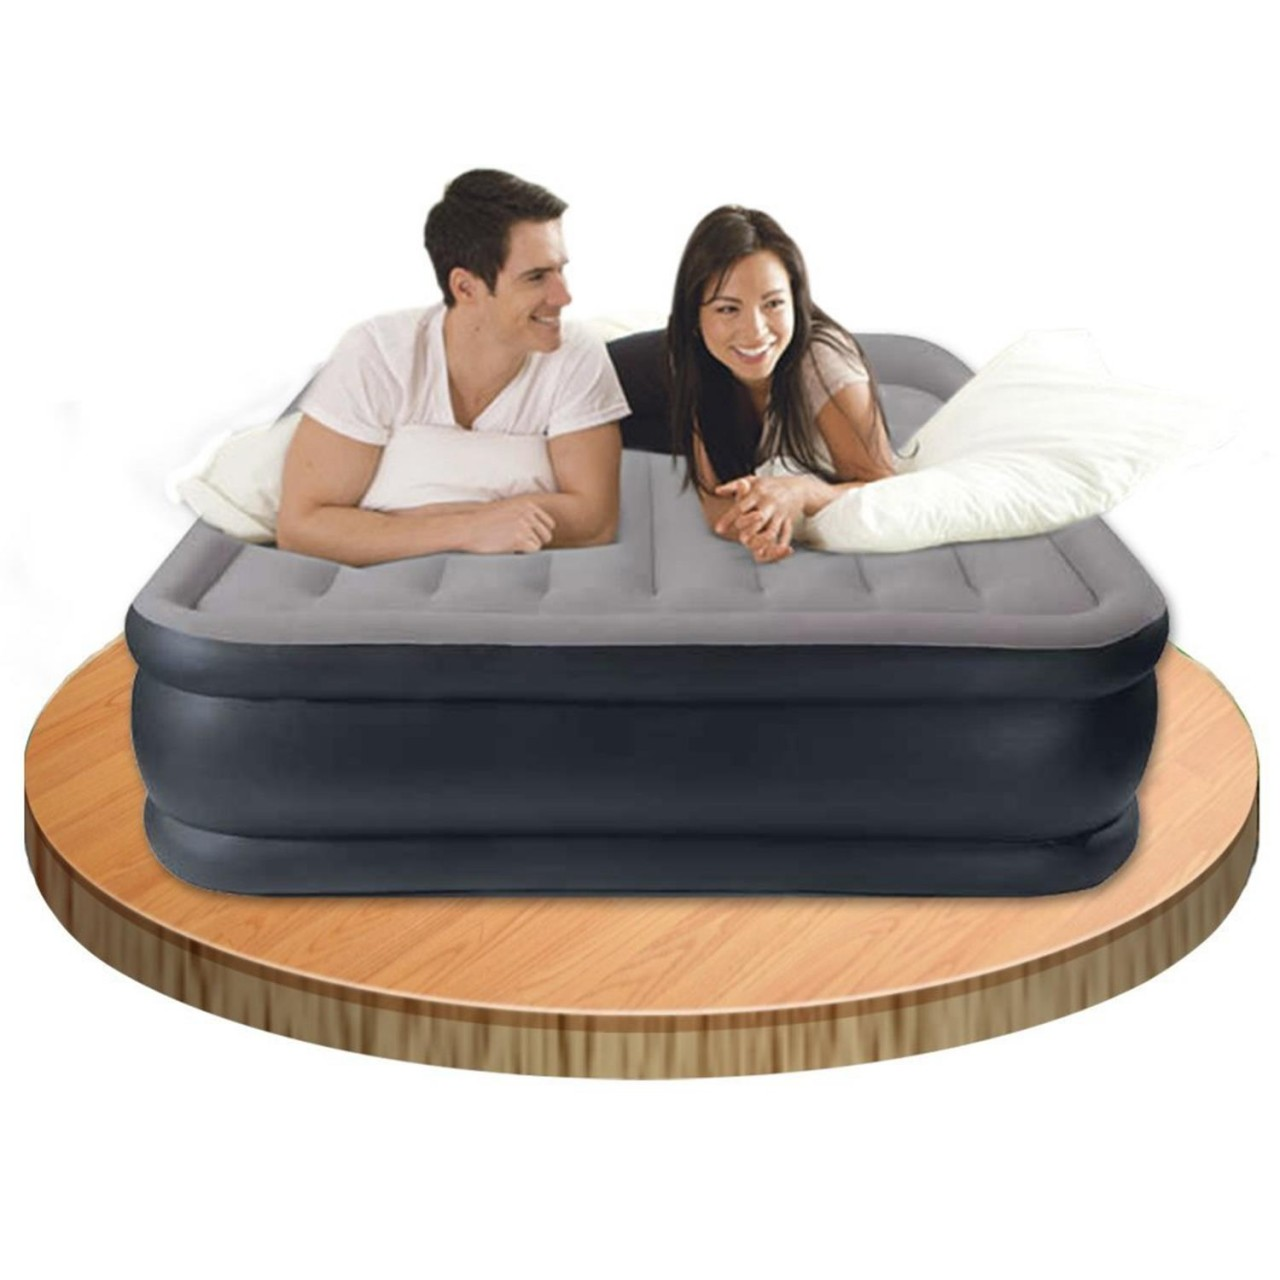 Intex Luftbett mit Pumpe Gästebett Luftmatratze 152x203x43 cm selbstaufblasend